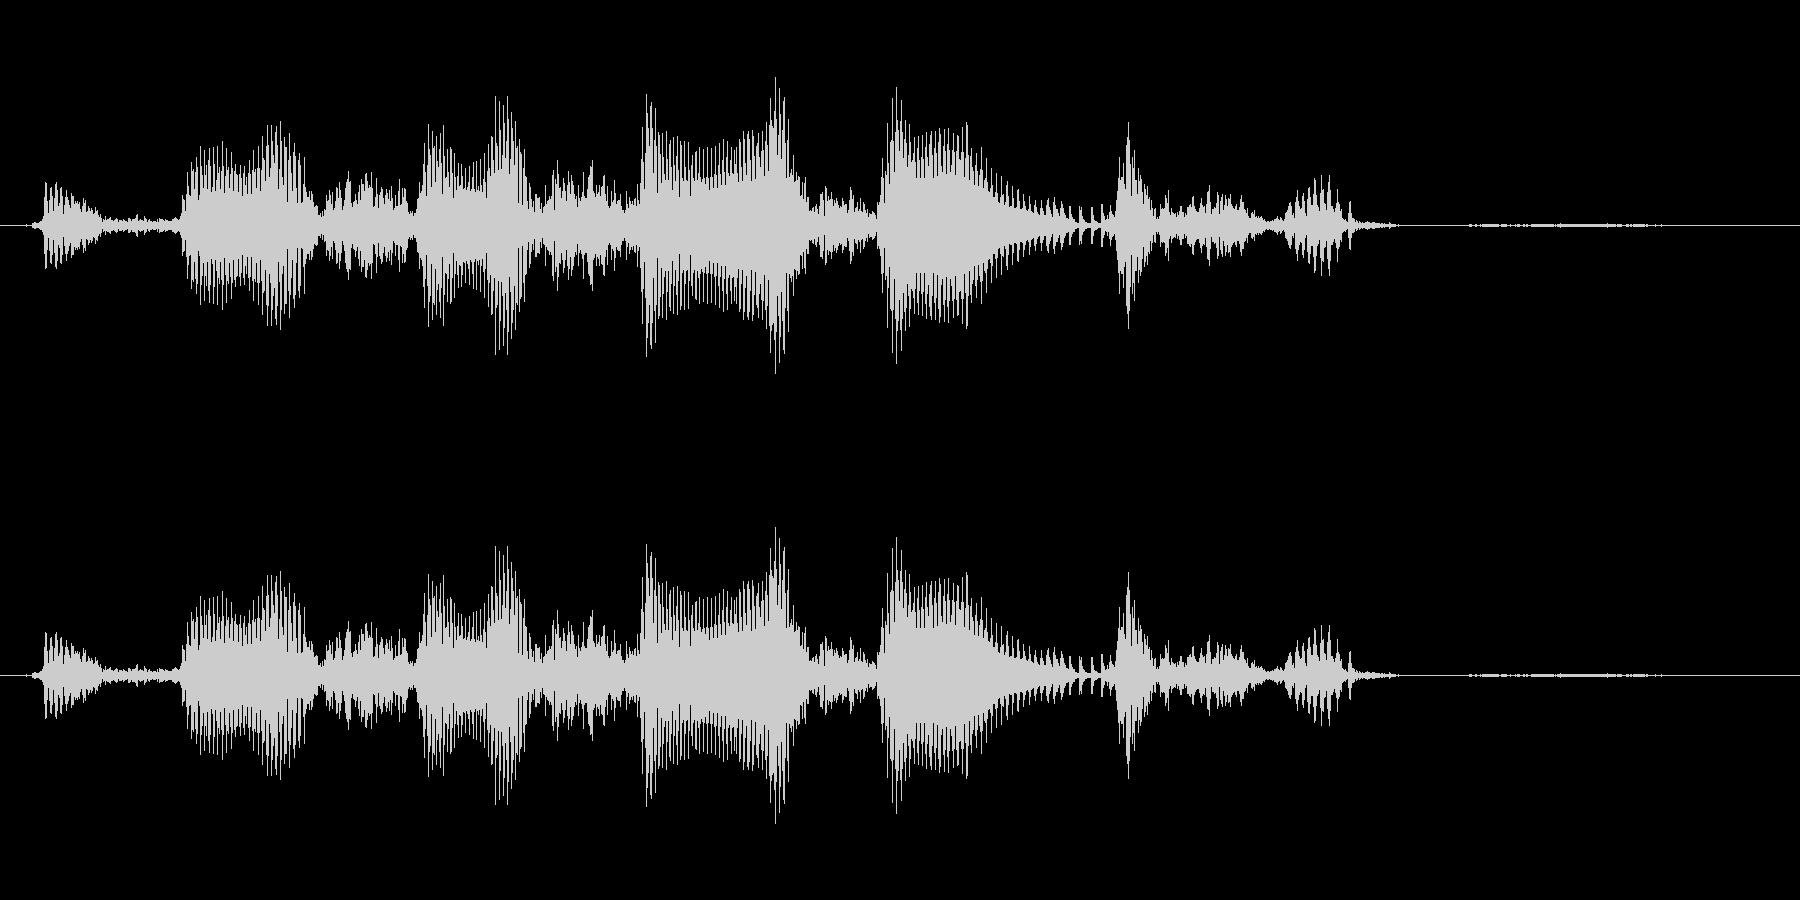 えへへへ 幼児(1~2歳)の笑い声の未再生の波形